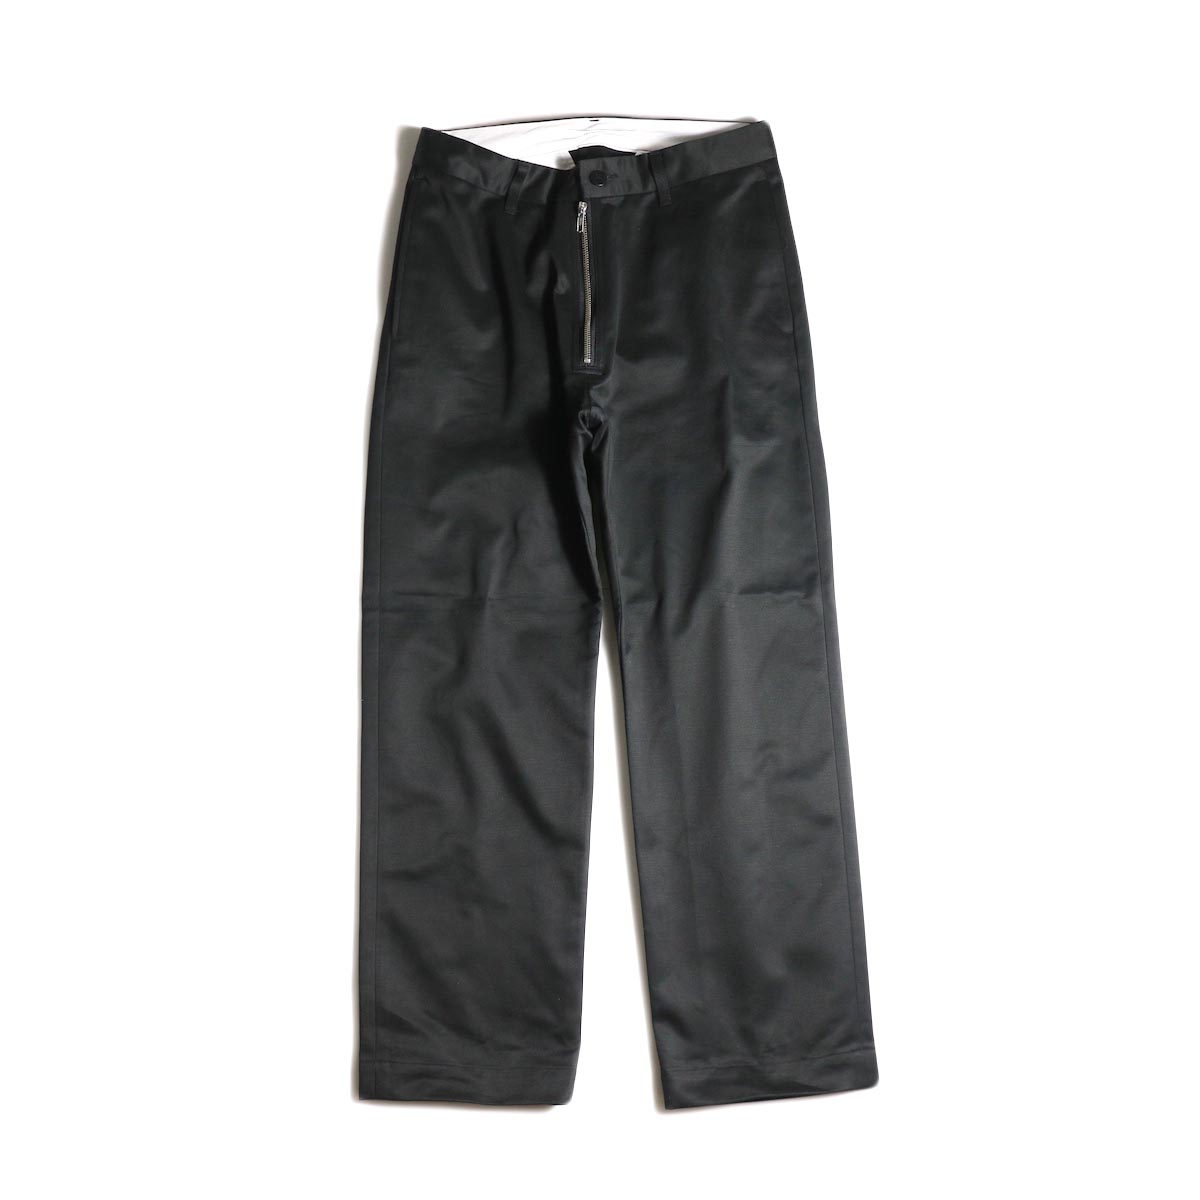 FUTURE PRIMITIVE / FP FZ CHINO PANTS (Black)